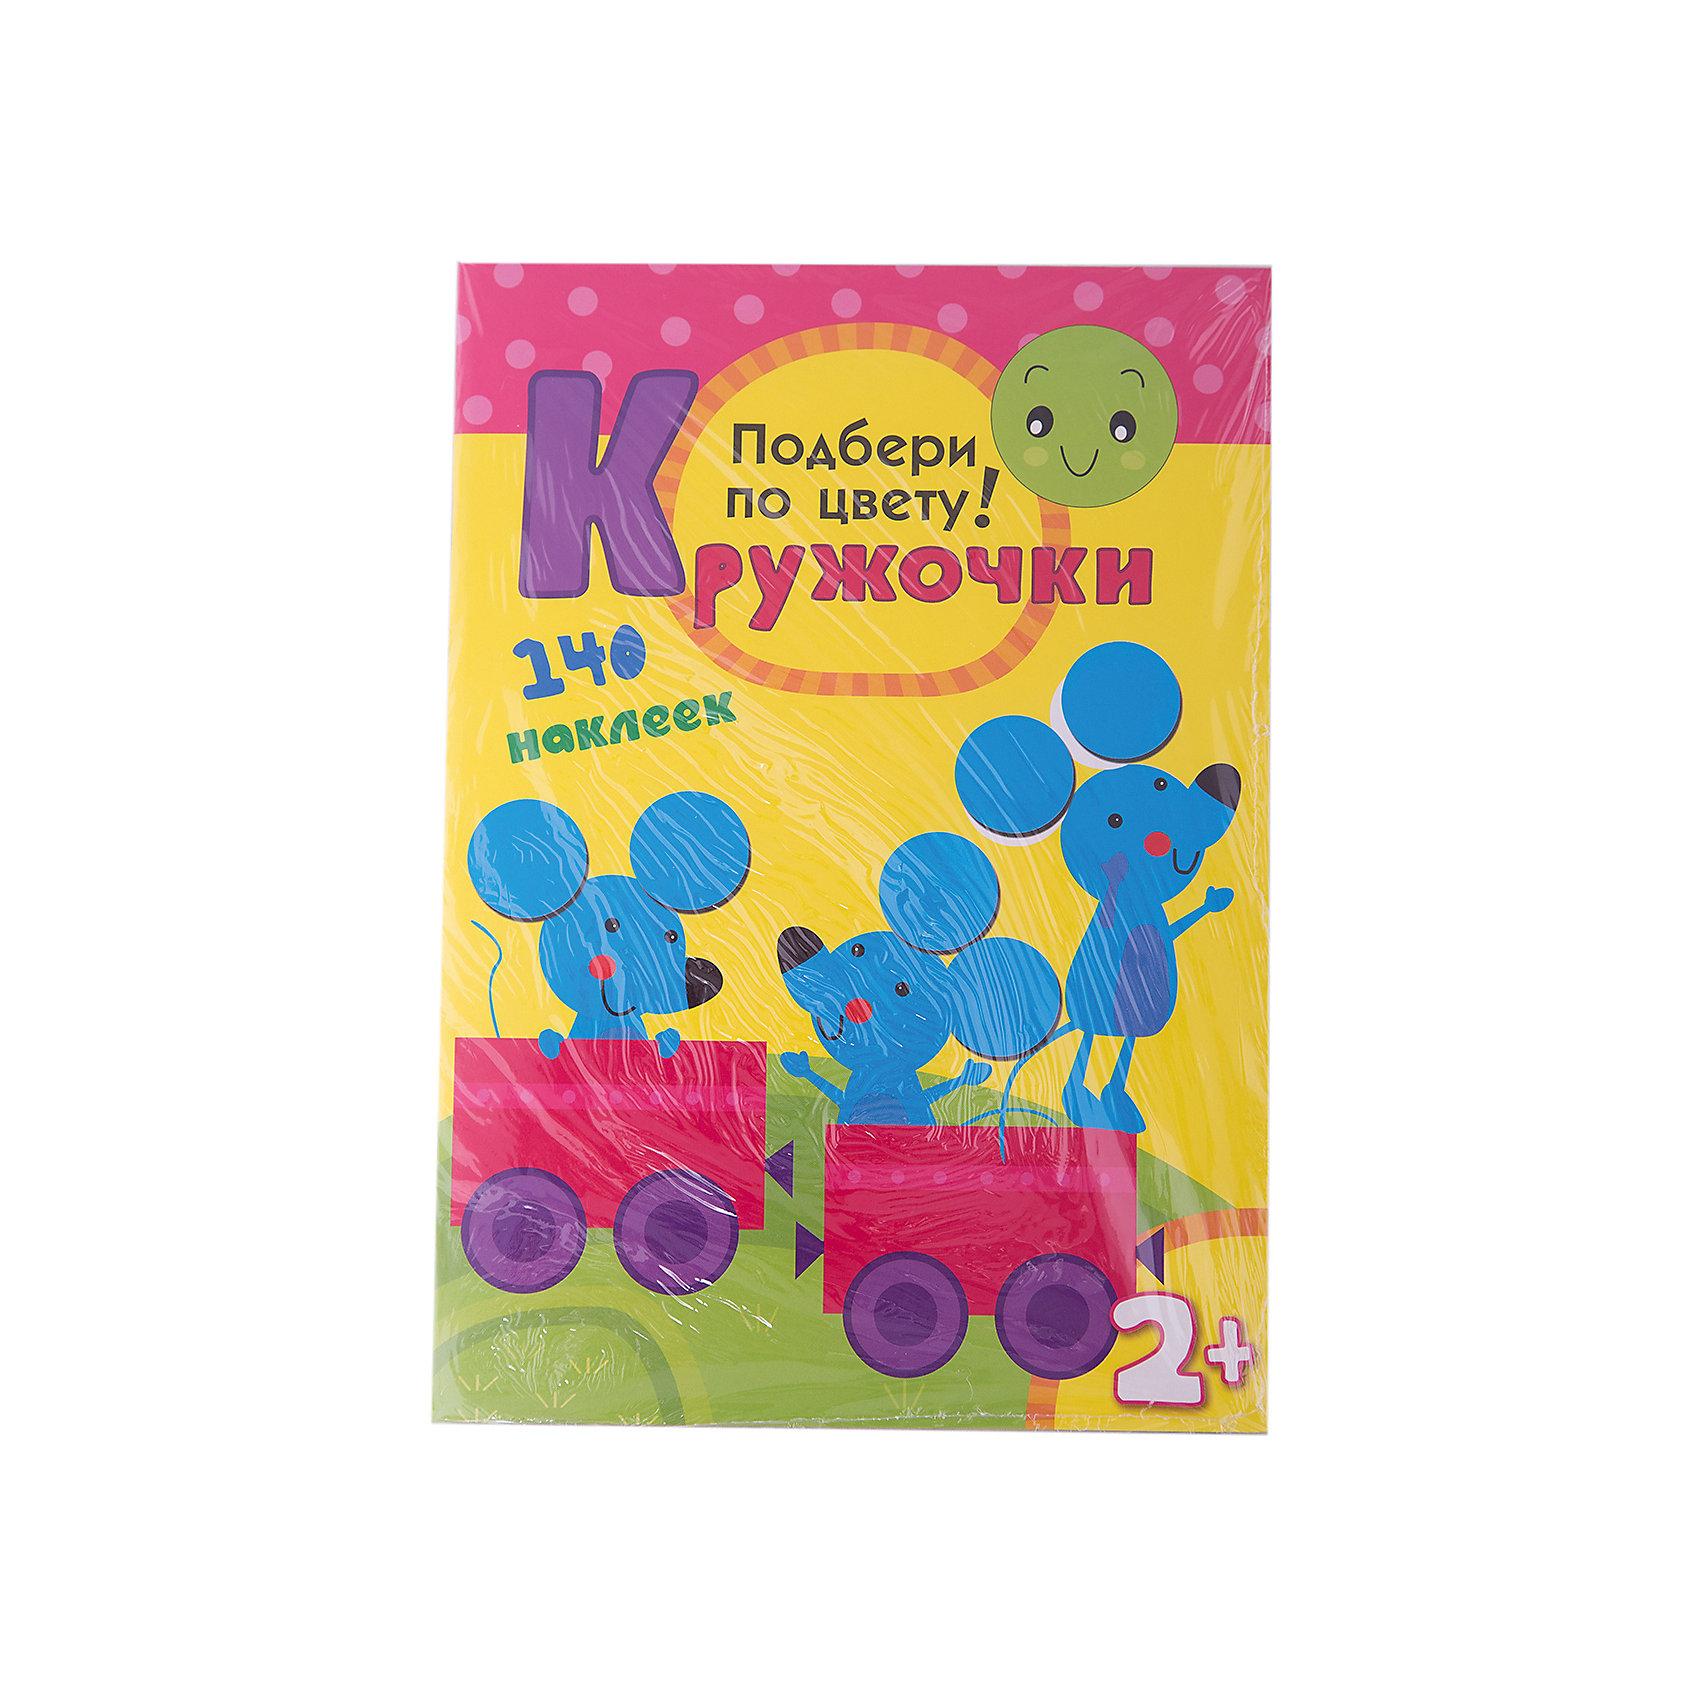 Развивающая книга с наклейками Кружочки. Подбери по цвету!Мозаика-Синтез<br>Развивающая книга с наклейками Кружочки. Подбери по цвету! – это увлекательная игровая книжка для малышей.<br>В этой весёлой книжке ребёнку предлагаются доступные развивающие задания: подобрать наклейки-кружочки по цвету и приклеить в нужное место. В этой книжке Вы найдёте наклейки для развития мелкой моторики, яркие иллюстрации и простые веселые стихи, интересные задания. Работа с наклейками – занятие не только увлекательное, но и полезное. Оно способствует развитию воображения, мелкой моторики рук, координации движения. Книга позволяет детям лучше узнать окружающий мир, способствует интеллектуальному развитию малыша.<br><br>Дополнительная информация:<br><br>- Редактор: Вилюнова В.<br>- Издательство: Мозаика-Синтез, 2013 г.<br>- Серия: Кружочки<br>- Тип обложки: мягкий переплет (крепление скрепкой или клеем)<br>- Оформление: с наклейками<br>- Иллюстрации: цветные<br>- Количество страниц: 16 (мелованная)<br>- Размер: 295x210x2 мм.<br>- Вес: 90 гр.<br><br>Развивающую книгу с наклейками Кружочки. Подбери по цвету! можно купить в нашем интернет-магазине.<br><br>Ширина мм: 295<br>Глубина мм: 210<br>Высота мм: 20<br>Вес г: 95<br>Возраст от месяцев: 24<br>Возраст до месяцев: 48<br>Пол: Унисекс<br>Возраст: Детский<br>SKU: 4431890